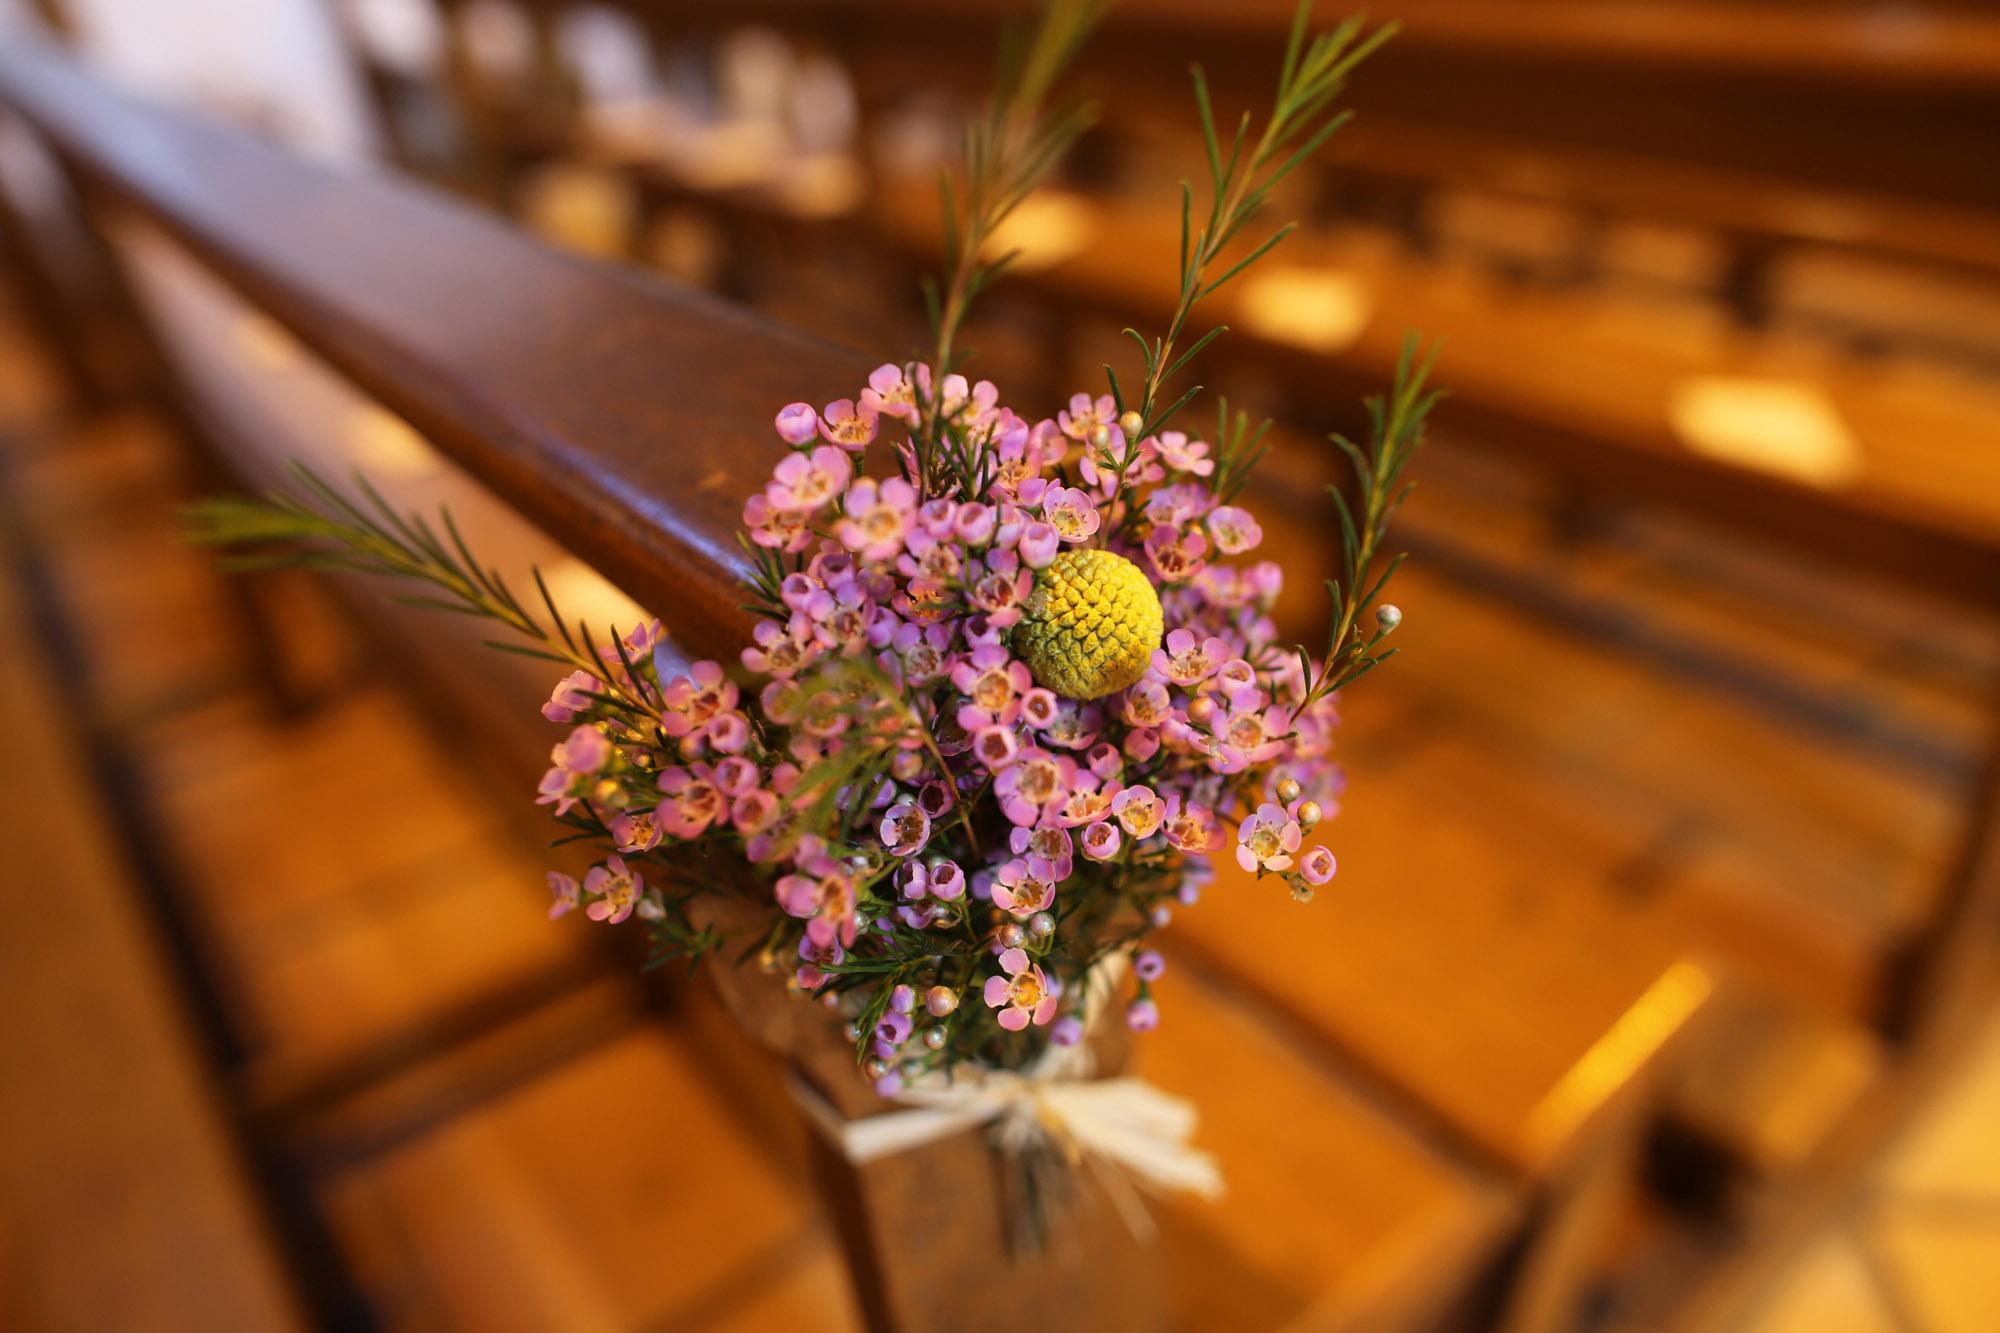 fleuriste-mariage-64-photographe-Sylvain-Mariotto-landes-pays-basque-05